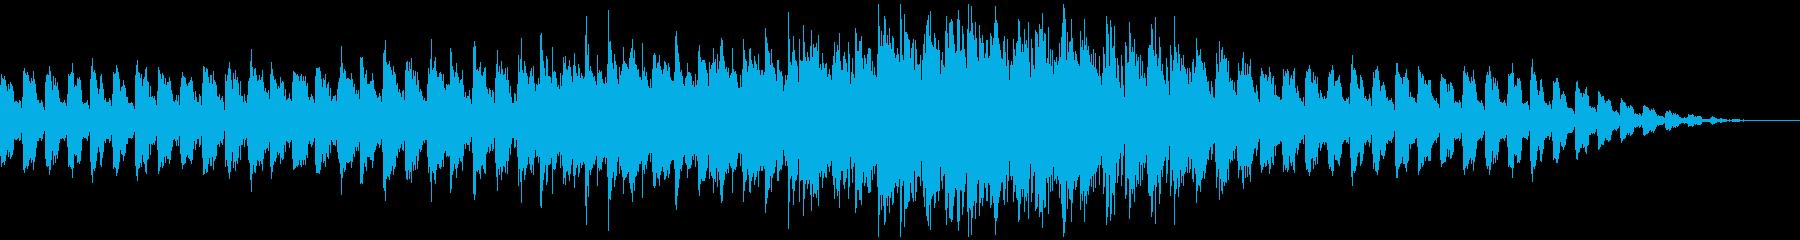 洗練されたIT企業のCMっぽいBGMの再生済みの波形